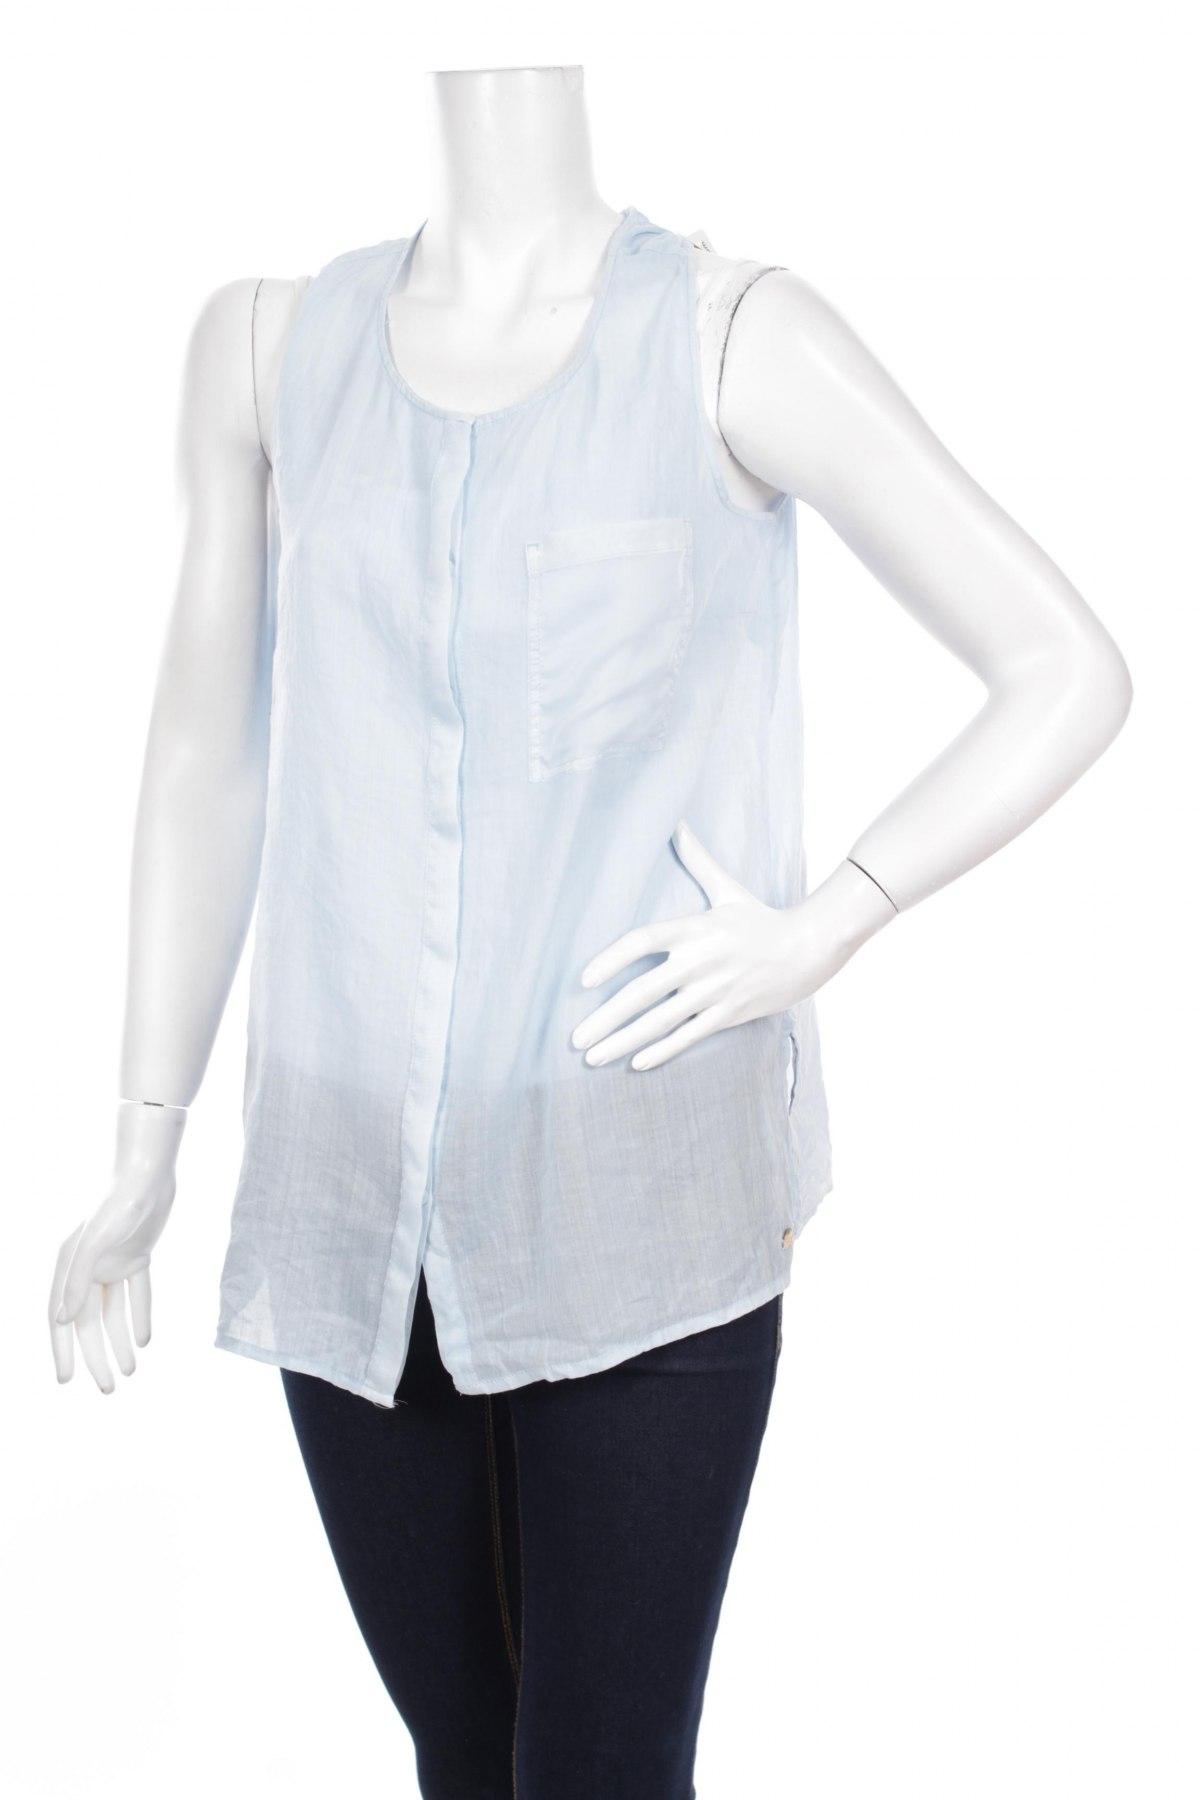 Γυναικείο πουκάμισο S.Oliver, Μέγεθος L, Χρώμα Μπλέ, 56% ραμί, 44% βαμβάκι, Τιμή 10,82€